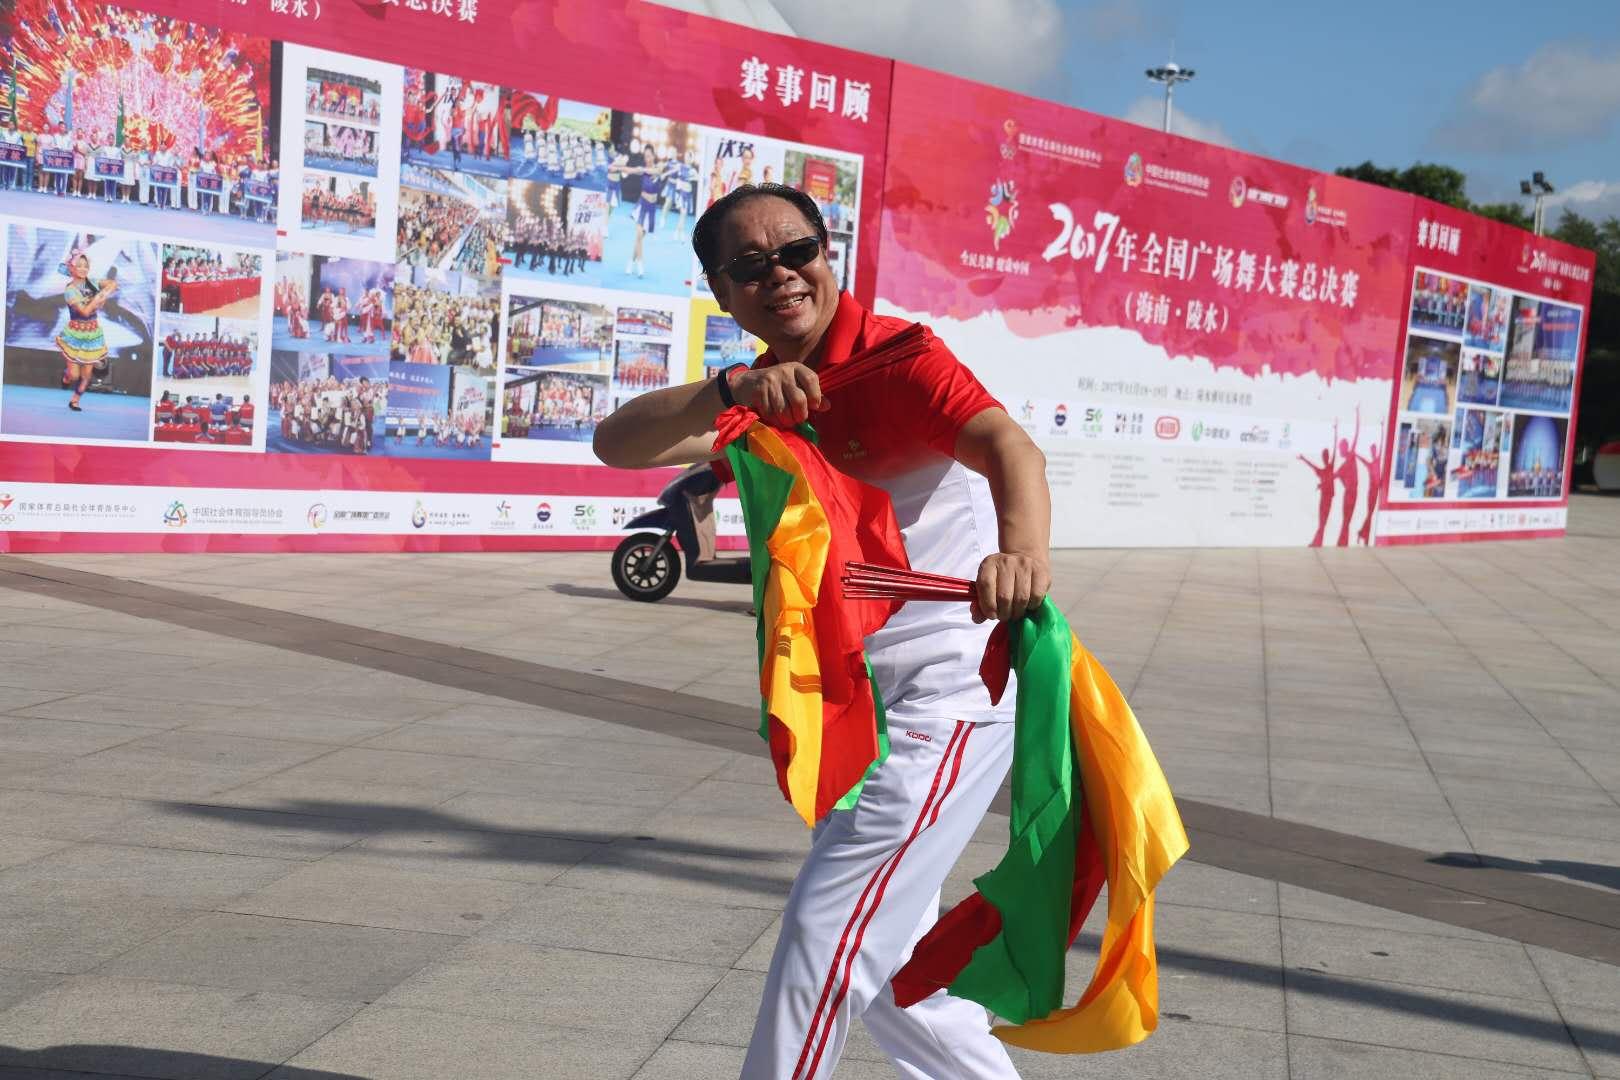 2017年全国广场舞大赛总决赛(海南•陵水)一触即发!各参赛队抵达赛区主会场布置完毕